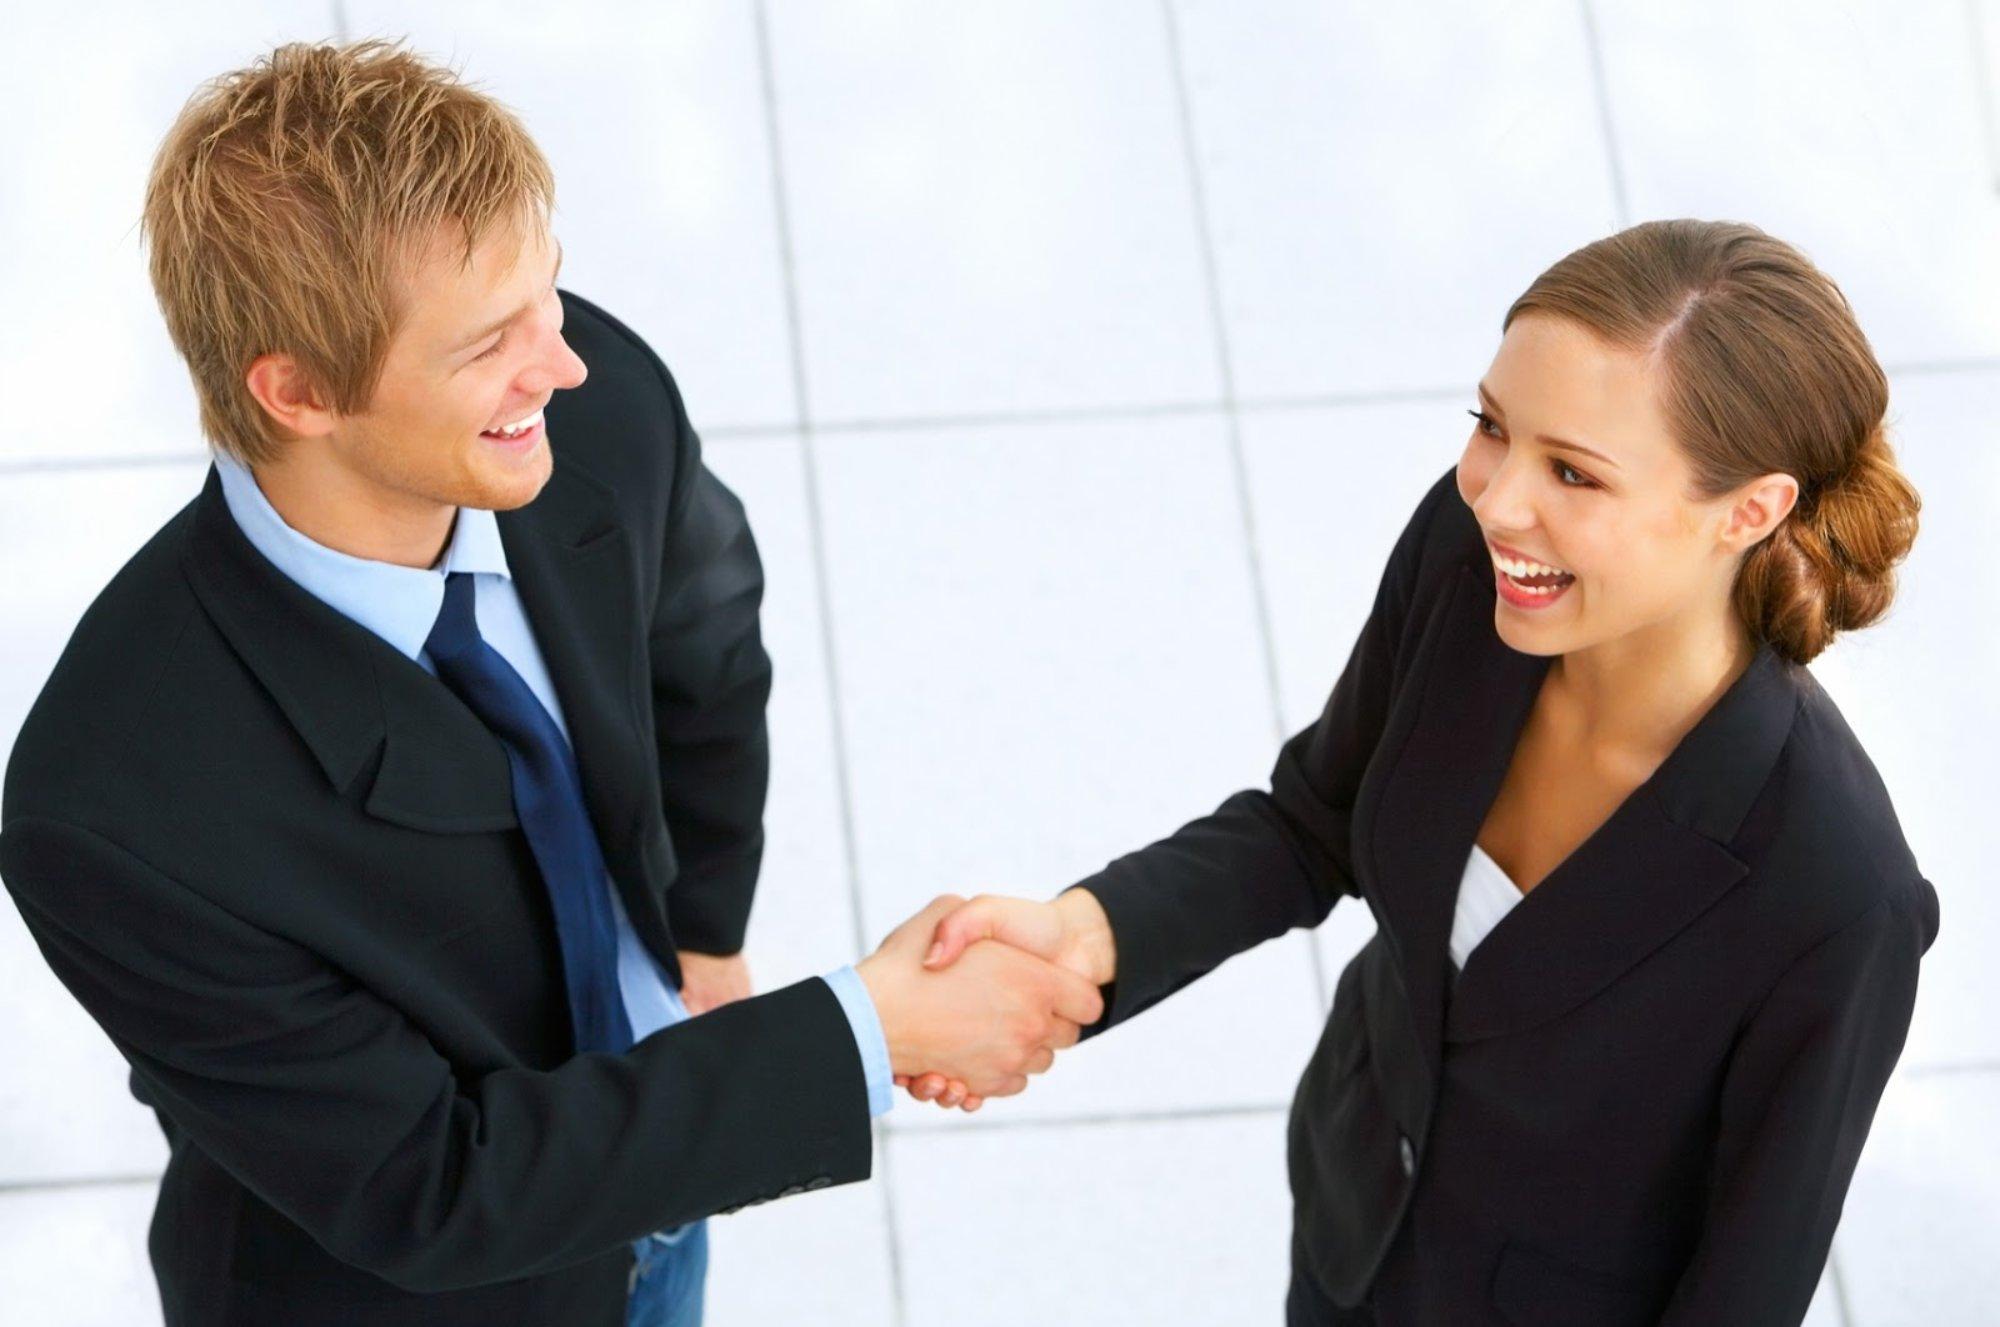 Как привлечь и сохранить клиентов: 5 эффективных способов